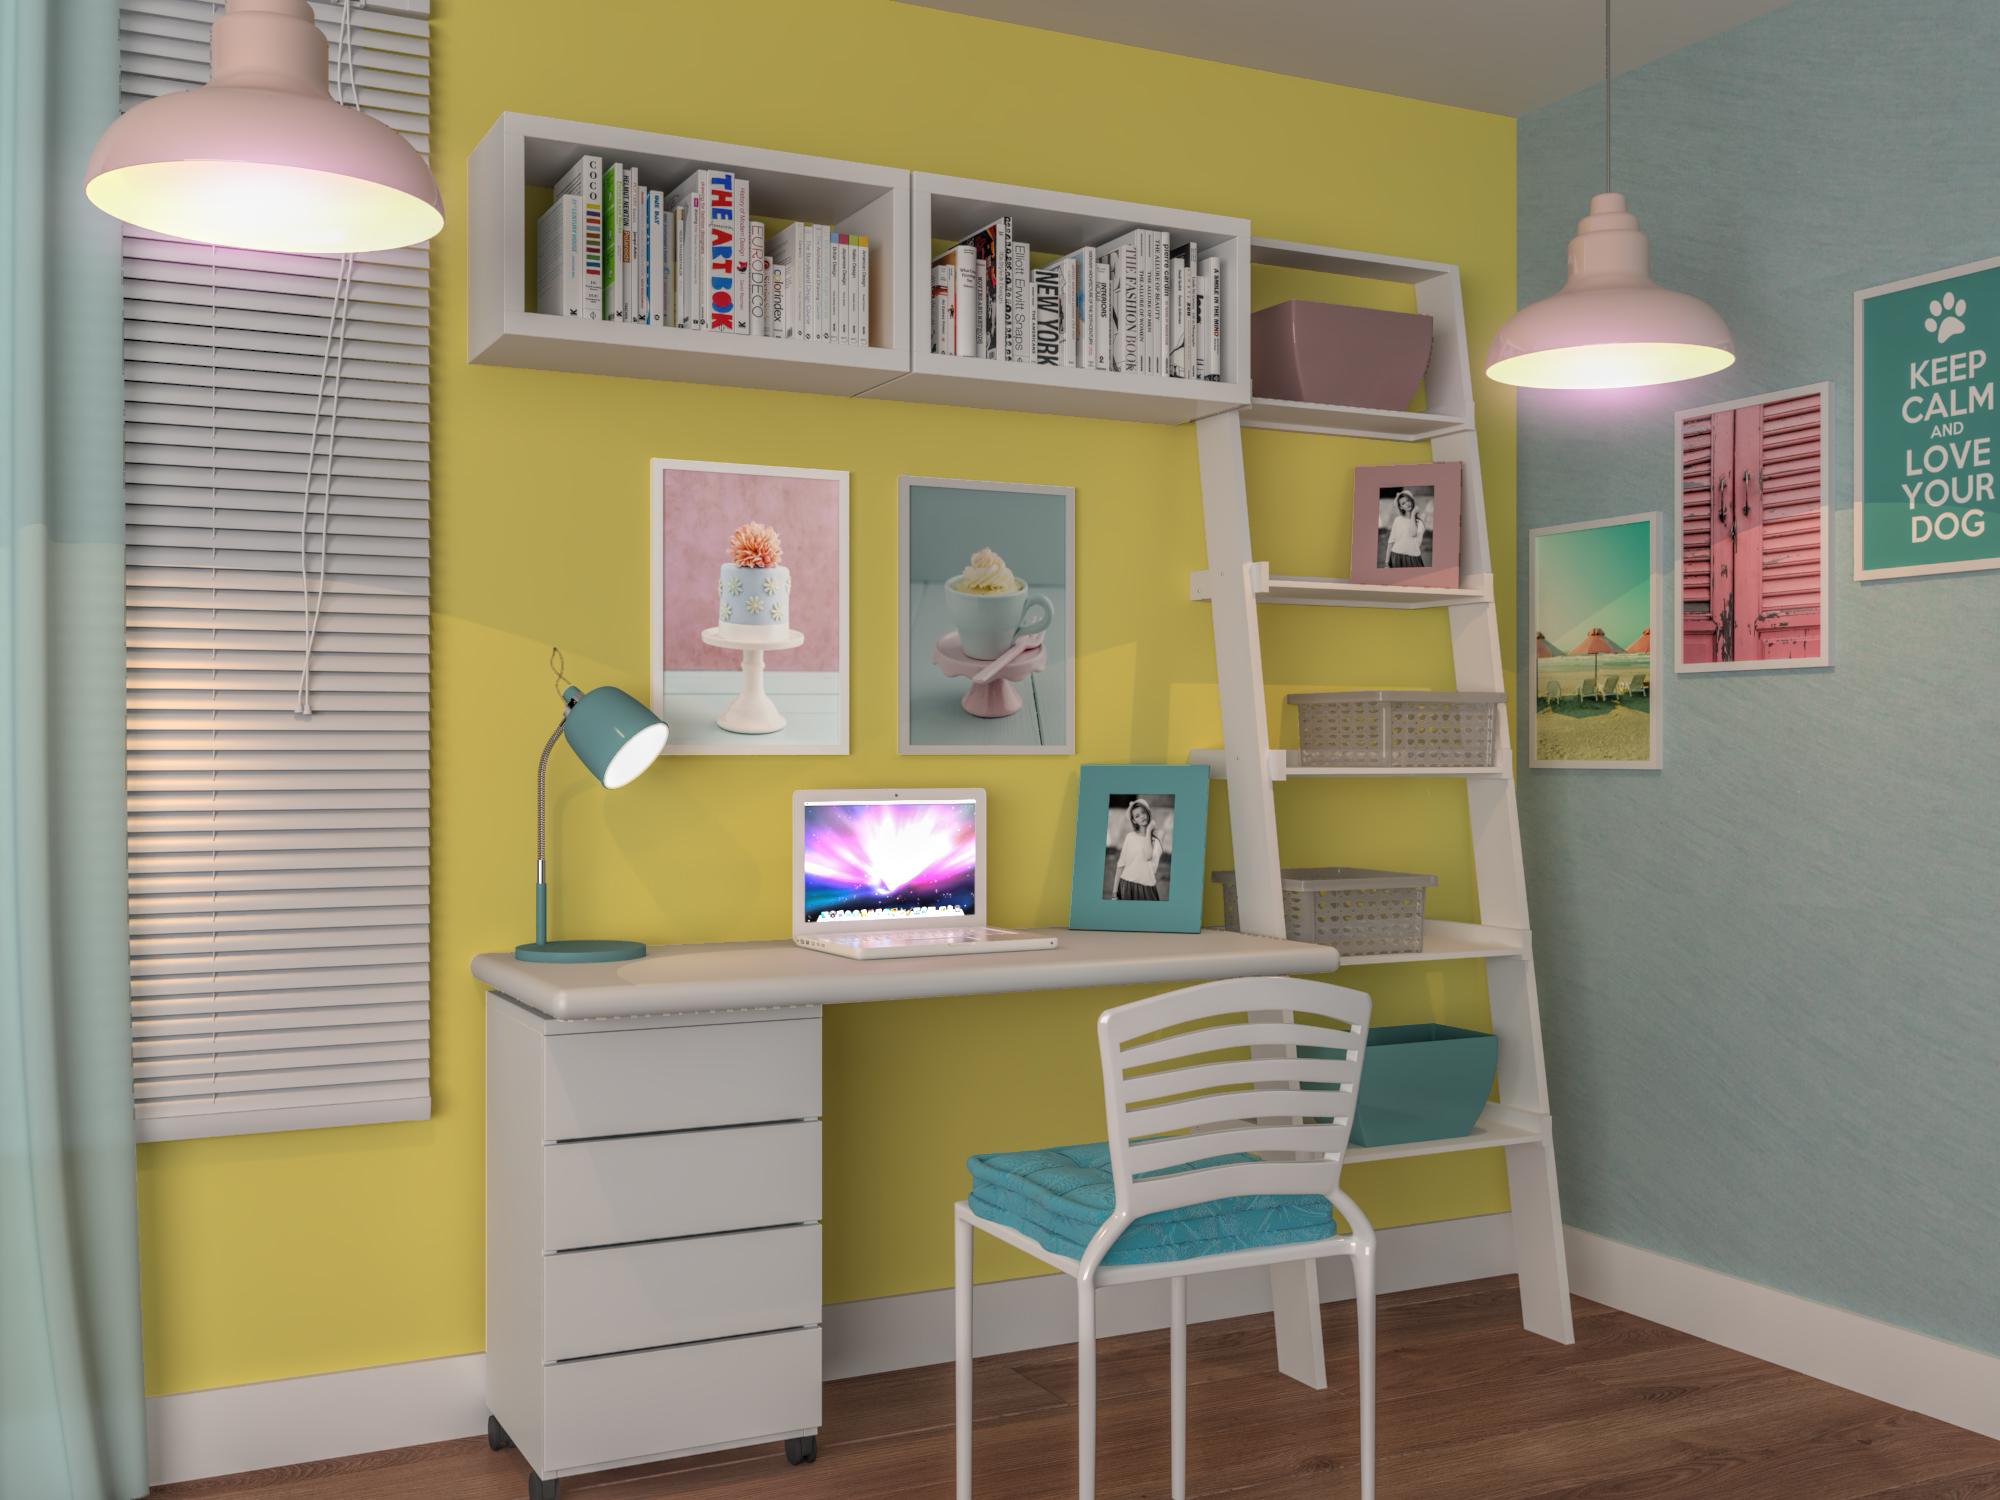 Escritório pequeno feminino com decoraç u00e3o candy color Leroy Merlin -> Decoraçao De Escritorio Feminino